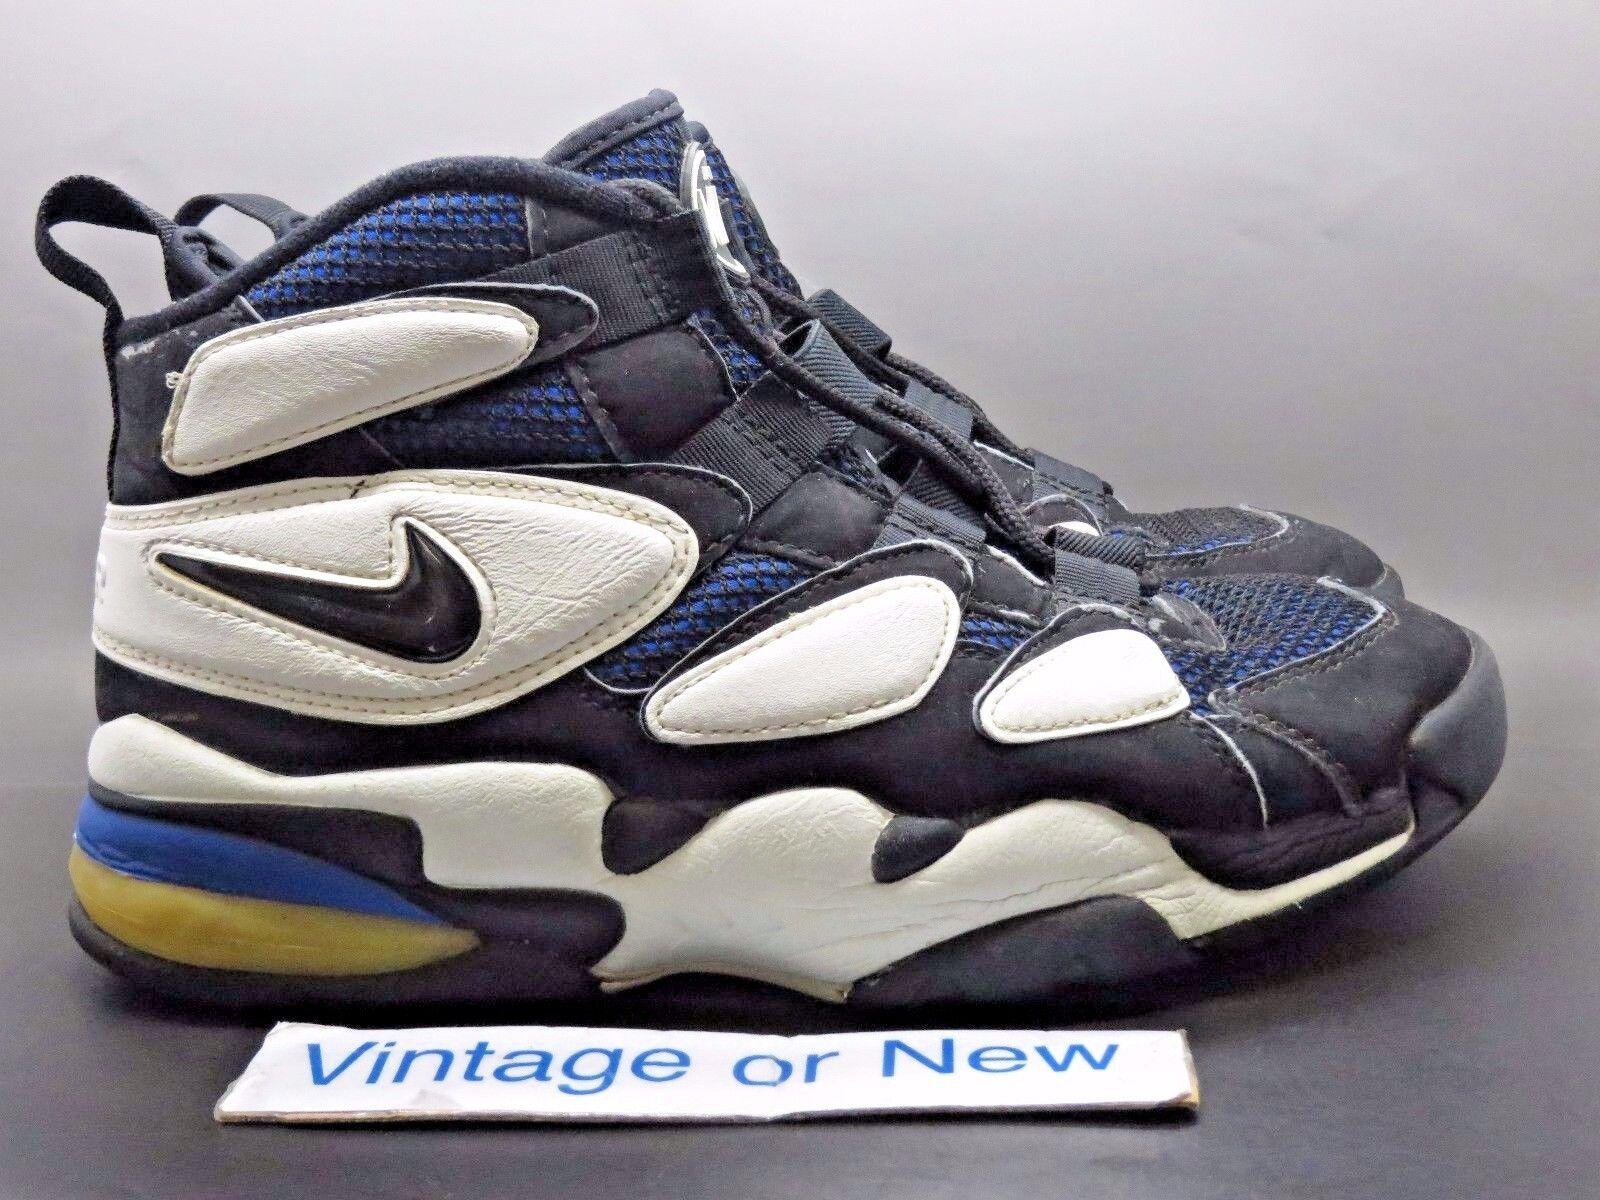 VTG OG Nike Air Max 2 Uptempo '94 Duke 1994 sz 10.5